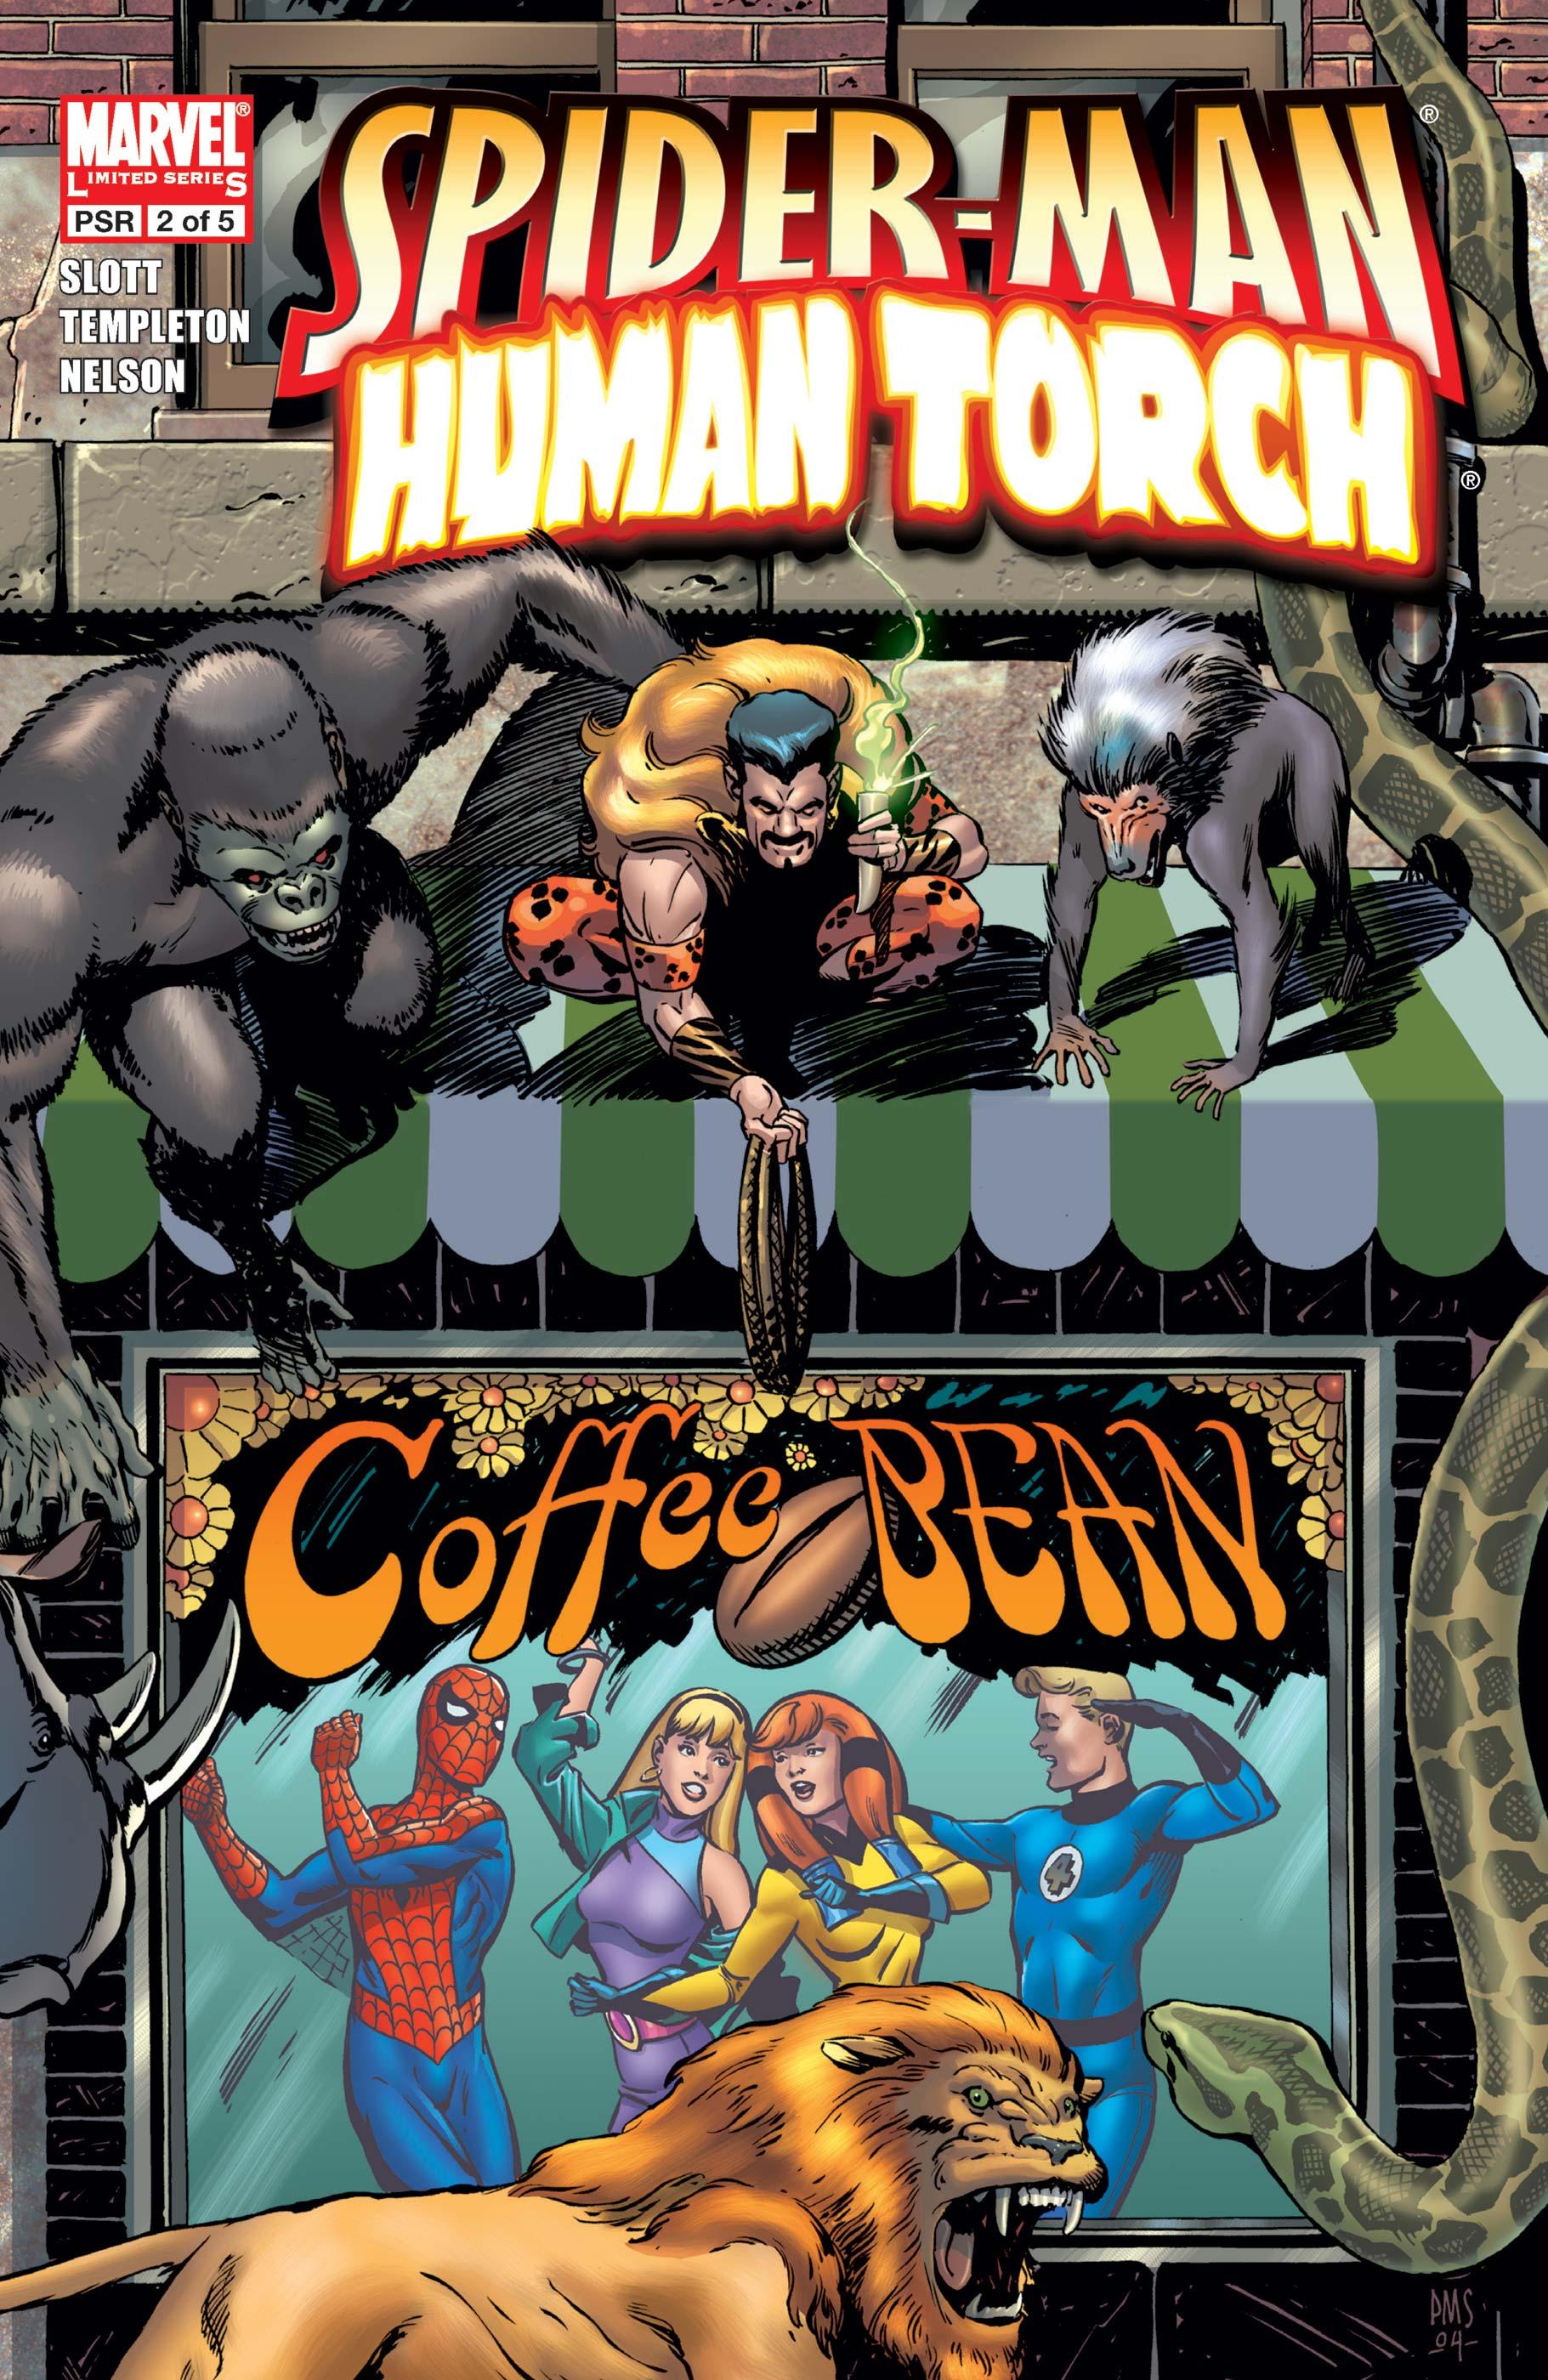 Spider-Man/Human Torch (2005) #2